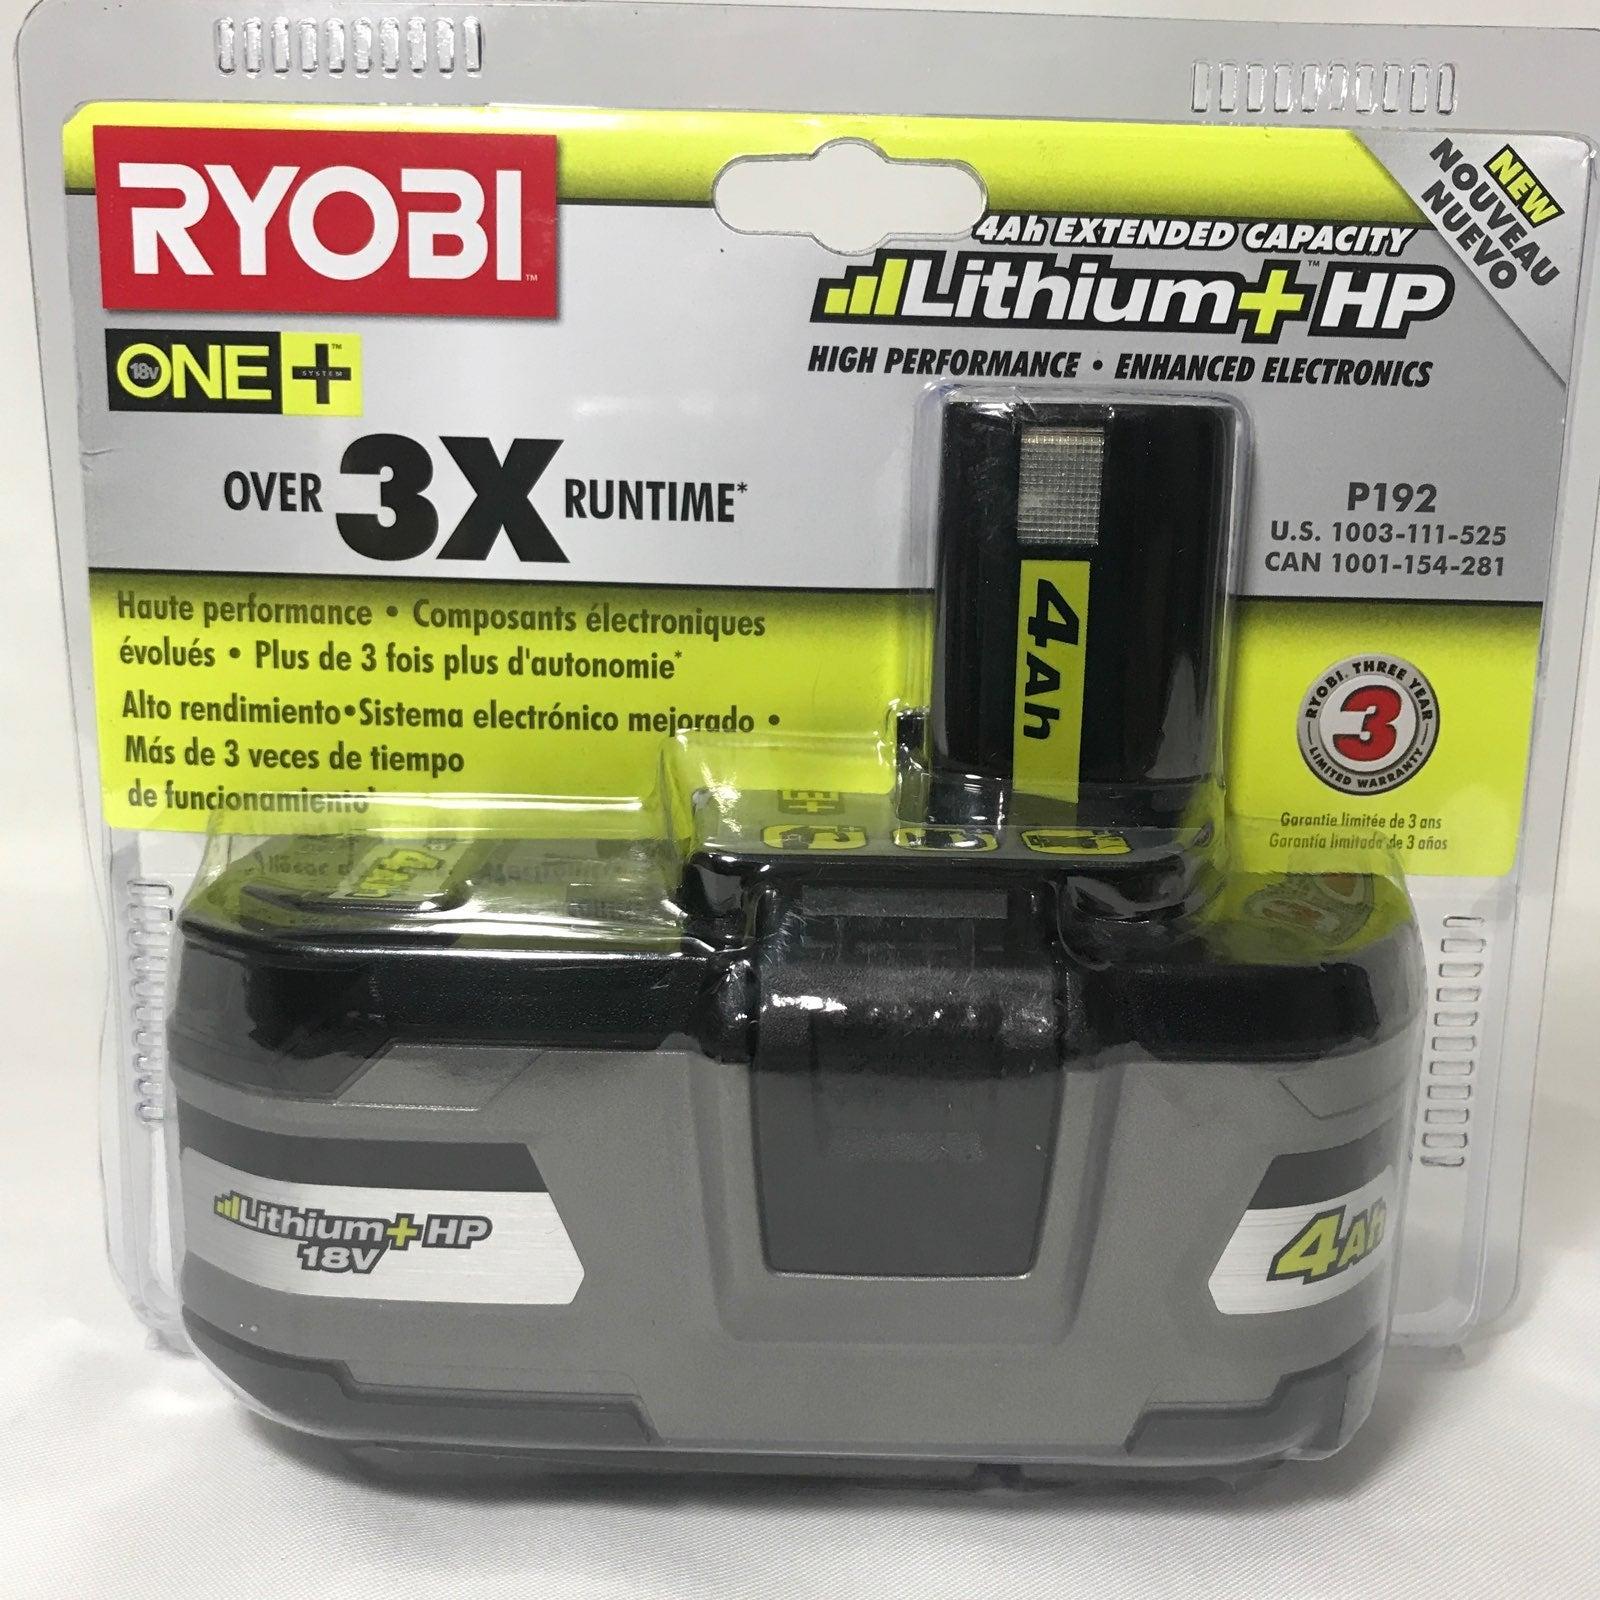 NEW Ryobi One Lithium+HP Battery